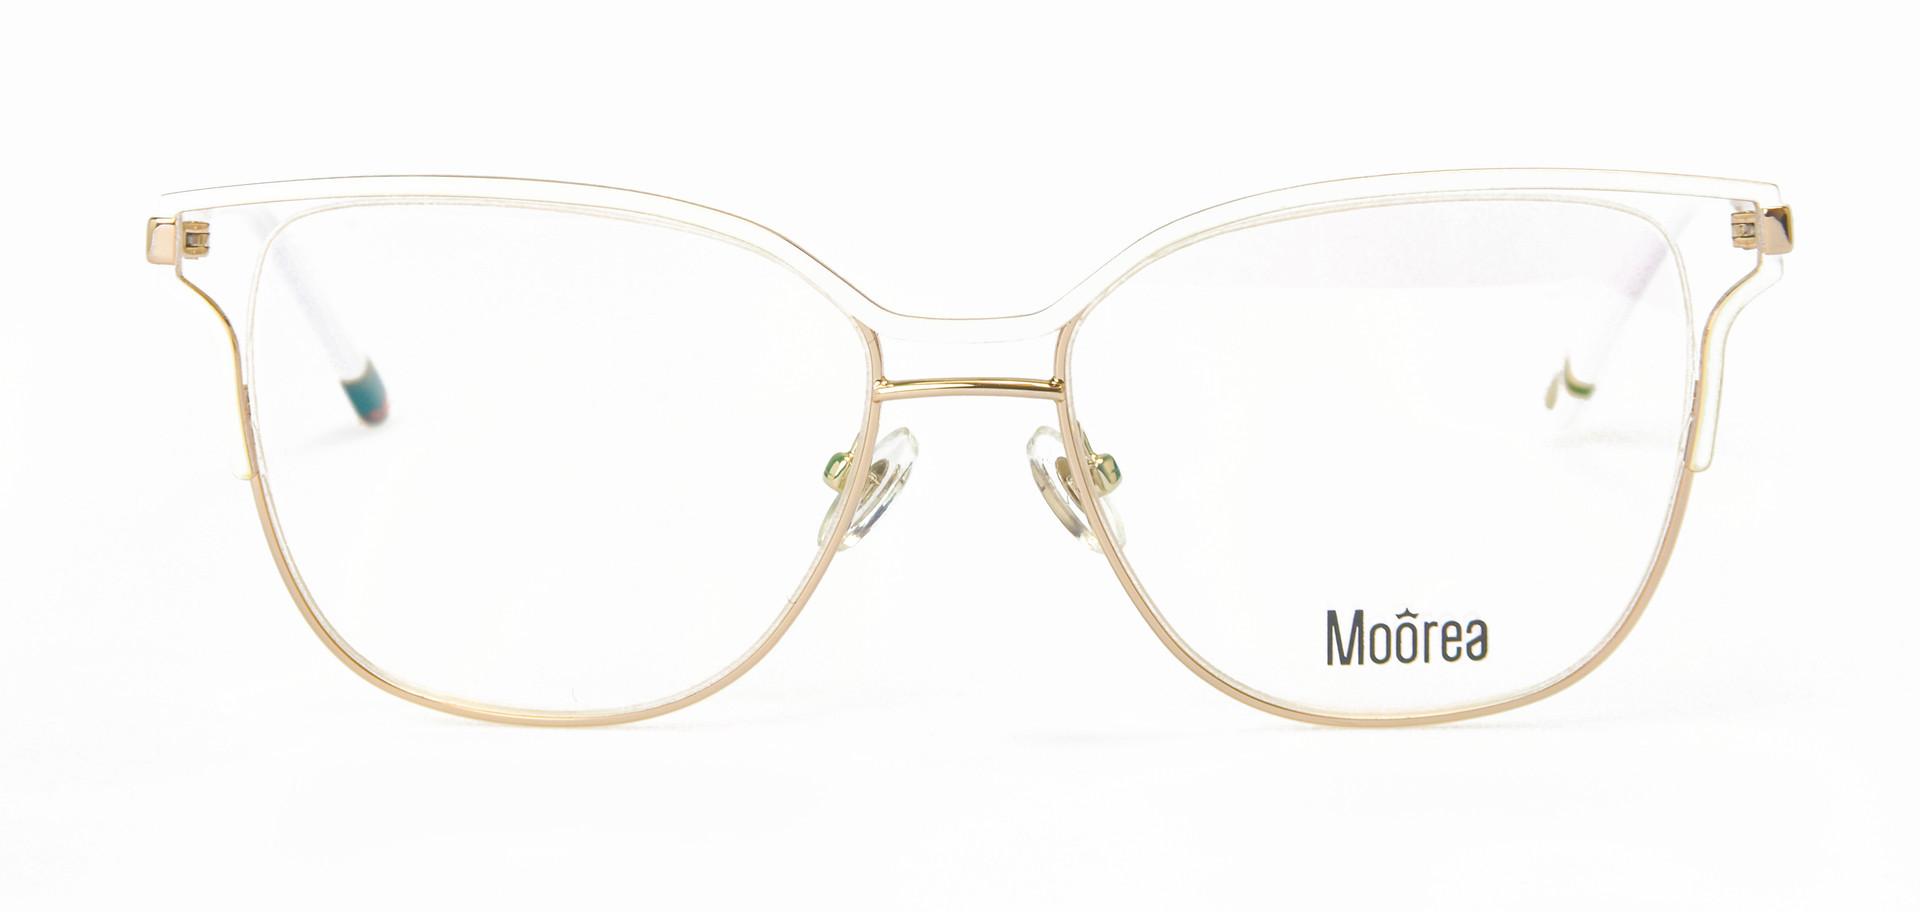 7r3-moorea 01